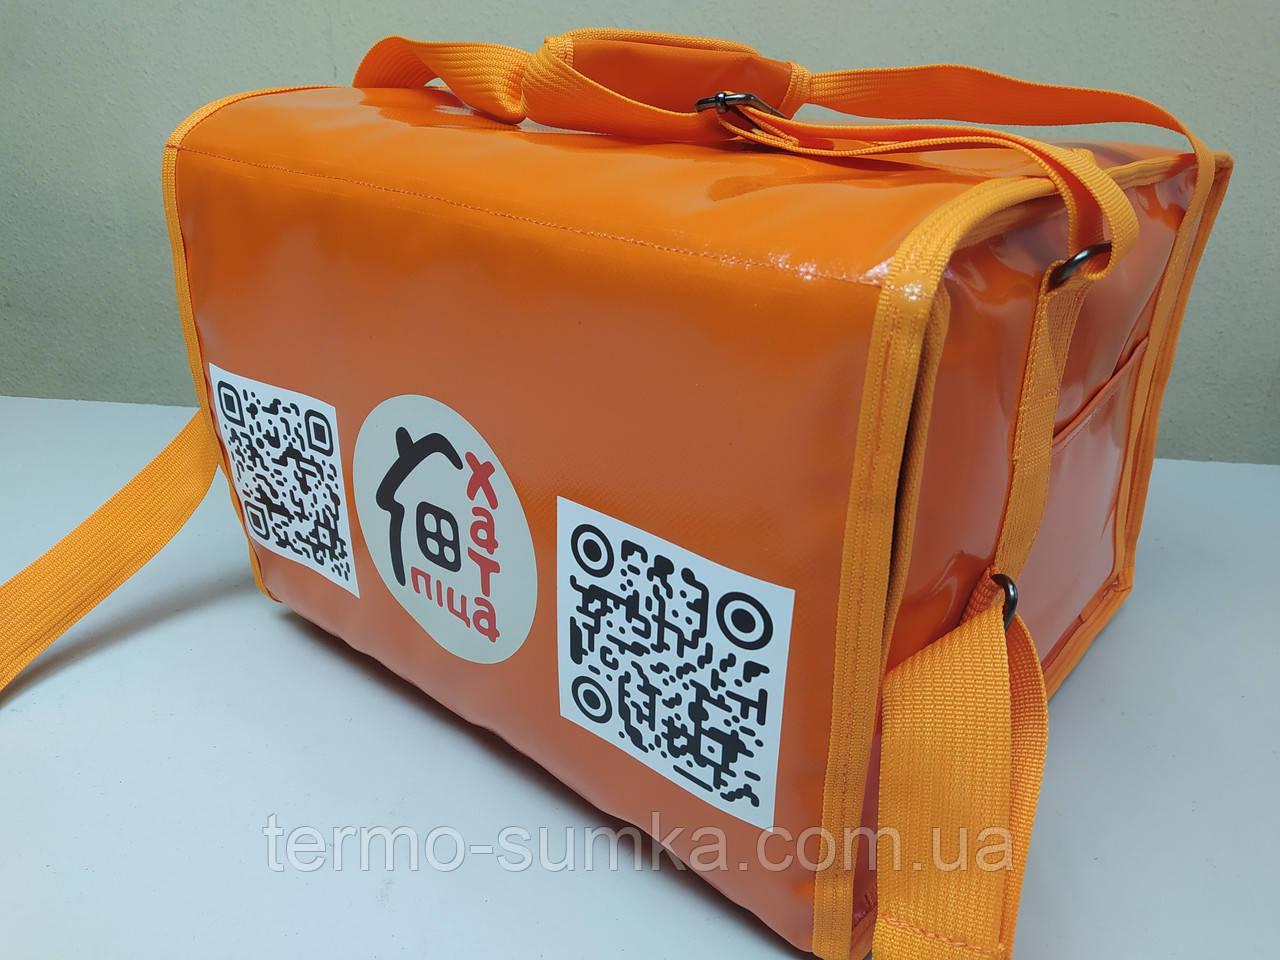 Термосумка для пиццы 32*32 на 5 - 6 коробок из ткани ПВХ. На липучках